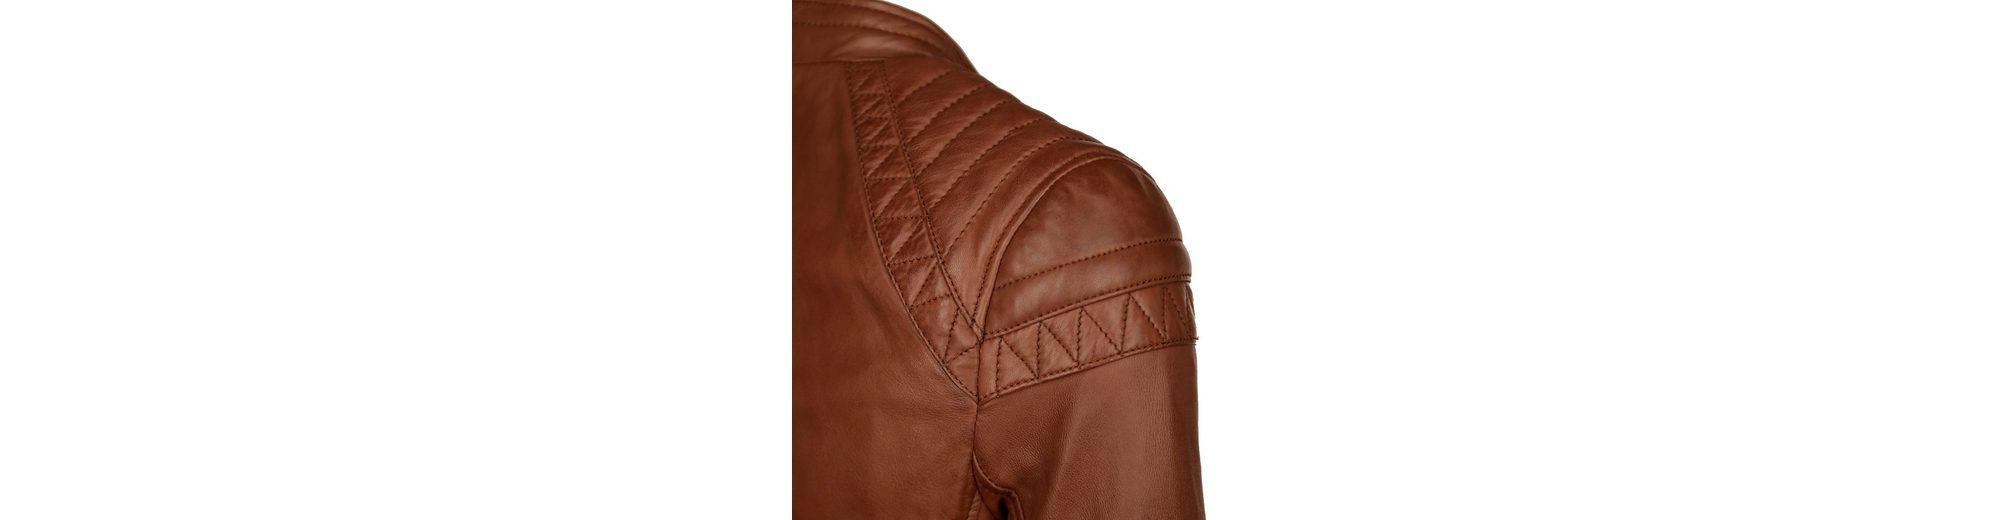 Gute Qualität MAZE Lederjacke Brightwater Spielraum Gut Verkaufen Billig Holen Eine Beste Schlussverkauf VNPZO